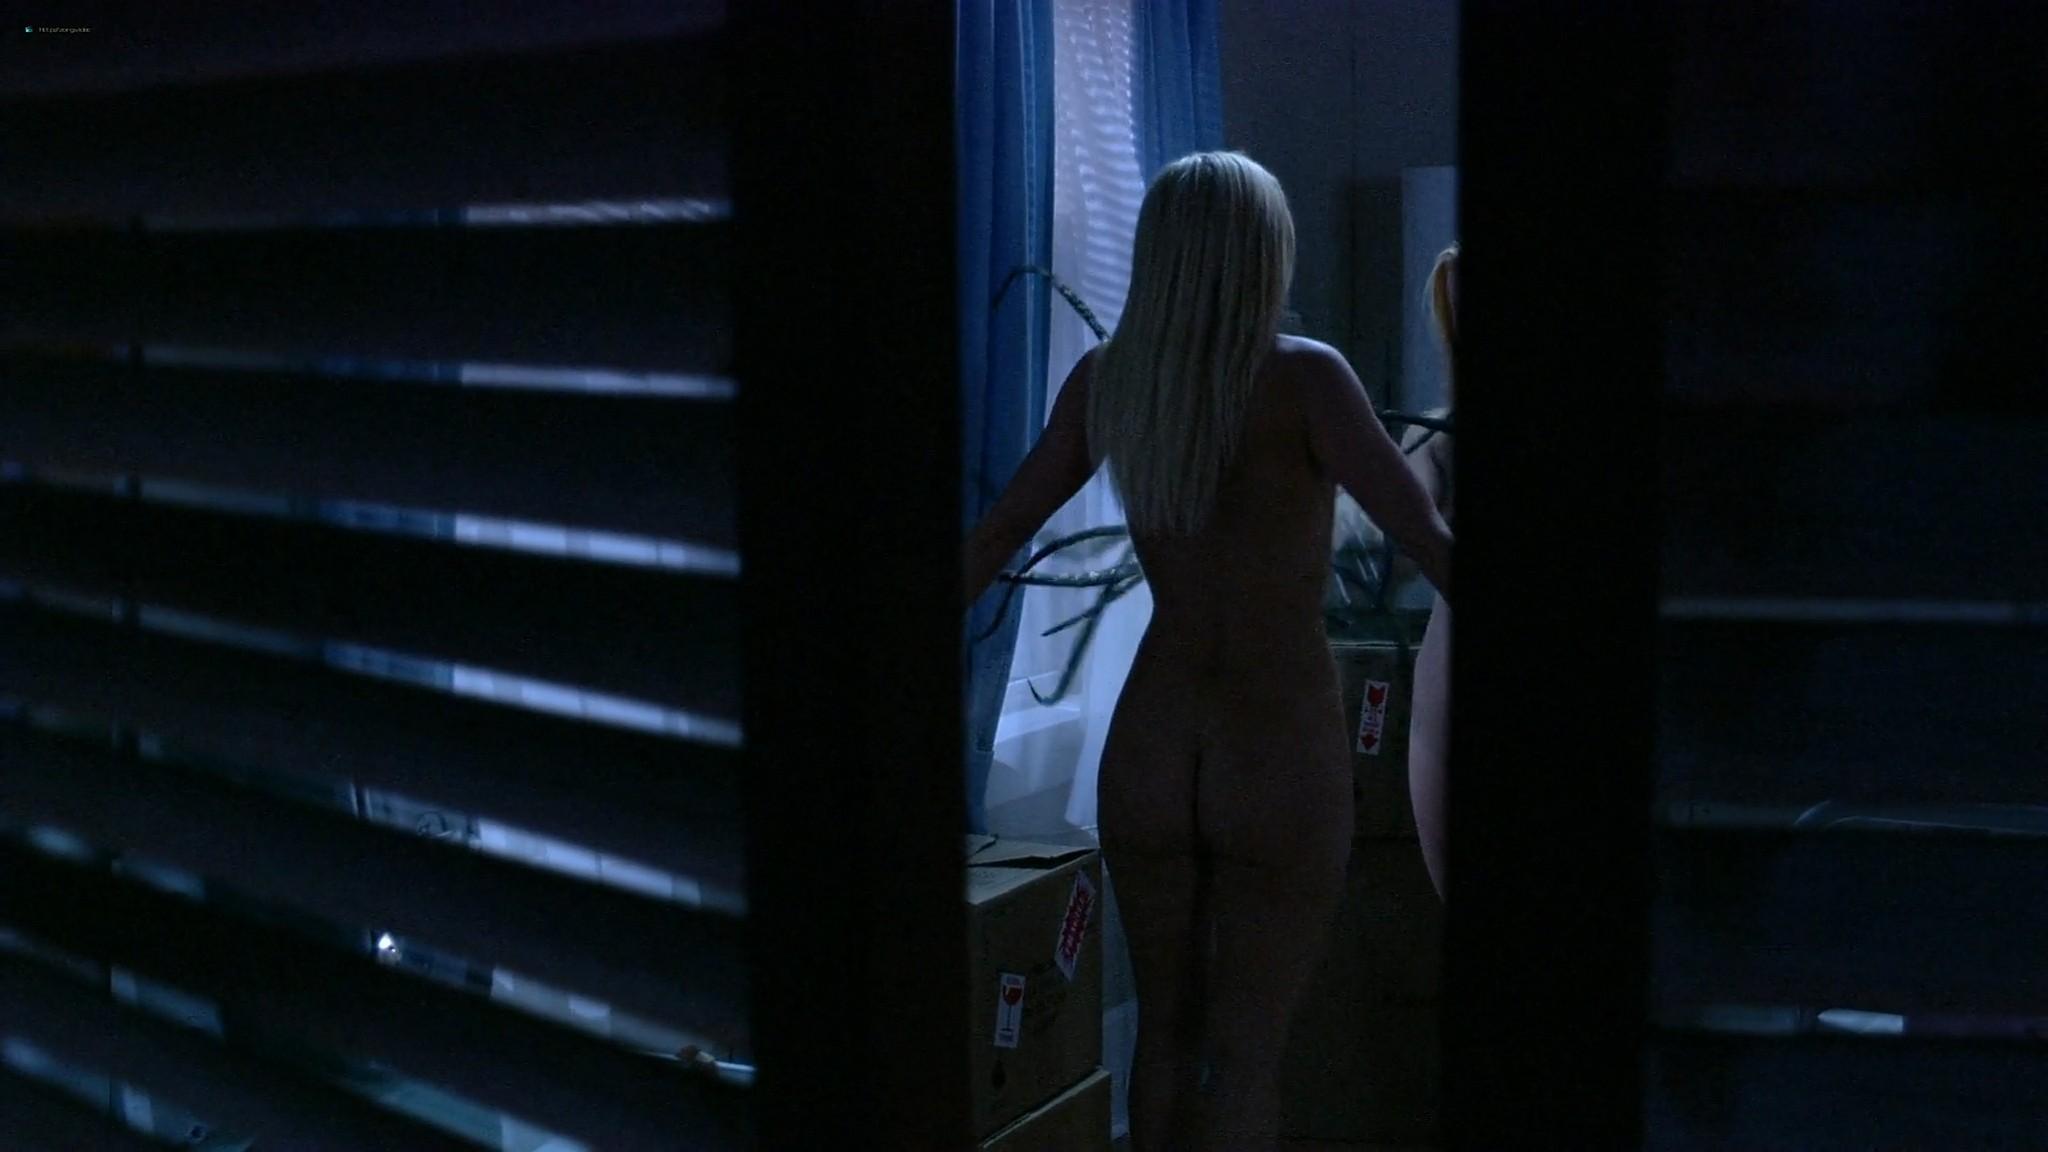 Kim Poirier nude sex Stefanie von Pfetten nude too Decoys 2004 1080p Web 6